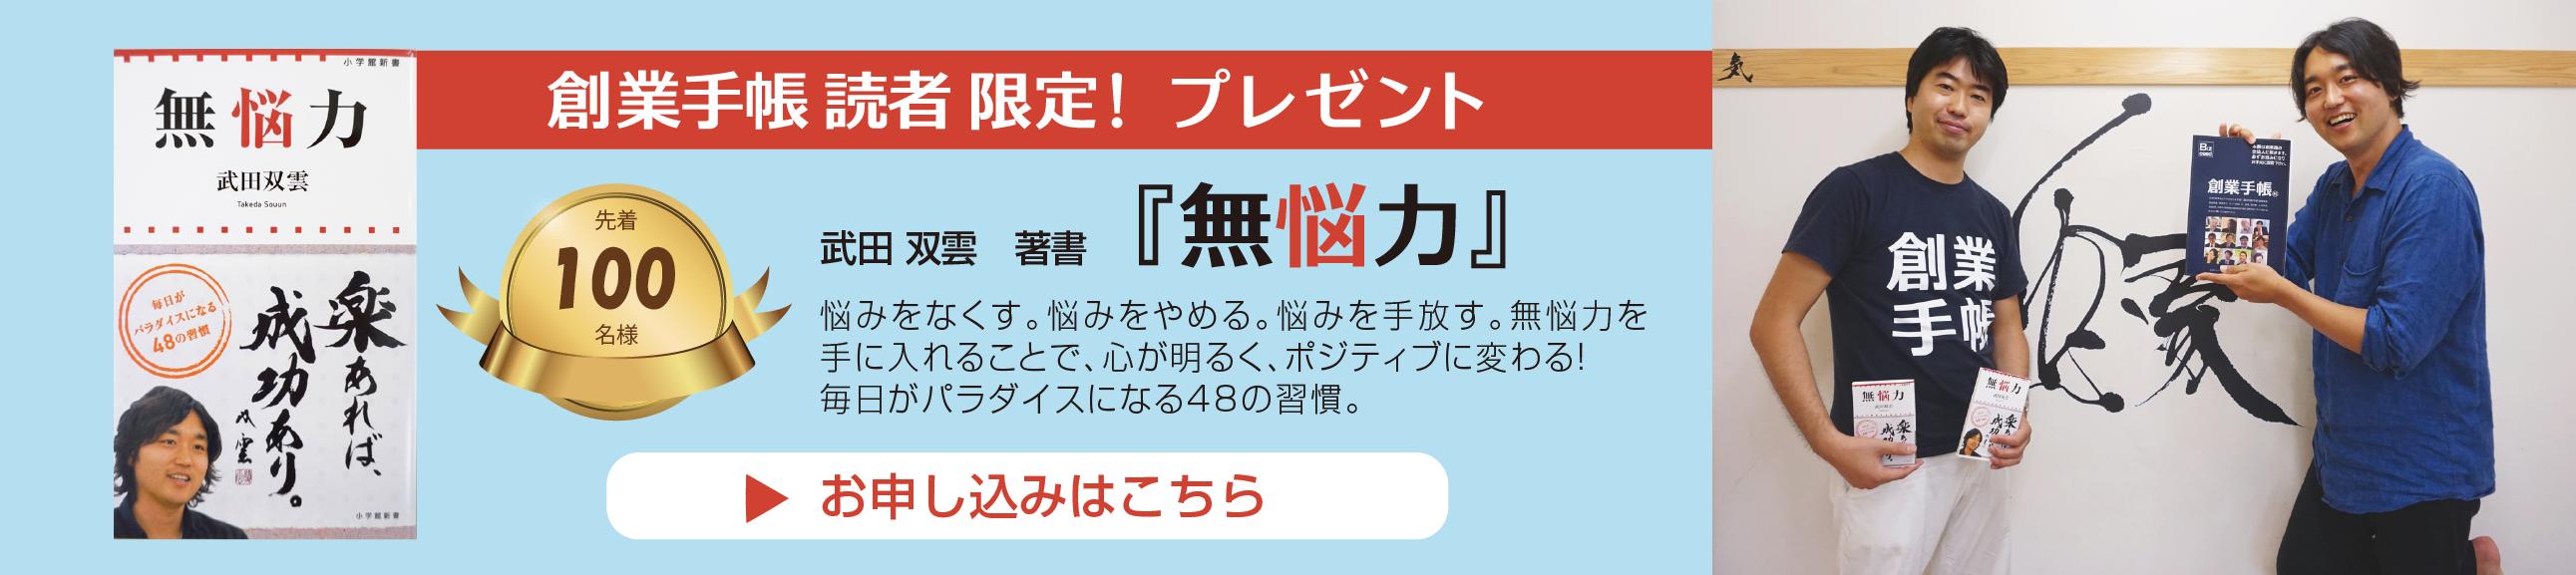 武田双雲バナー